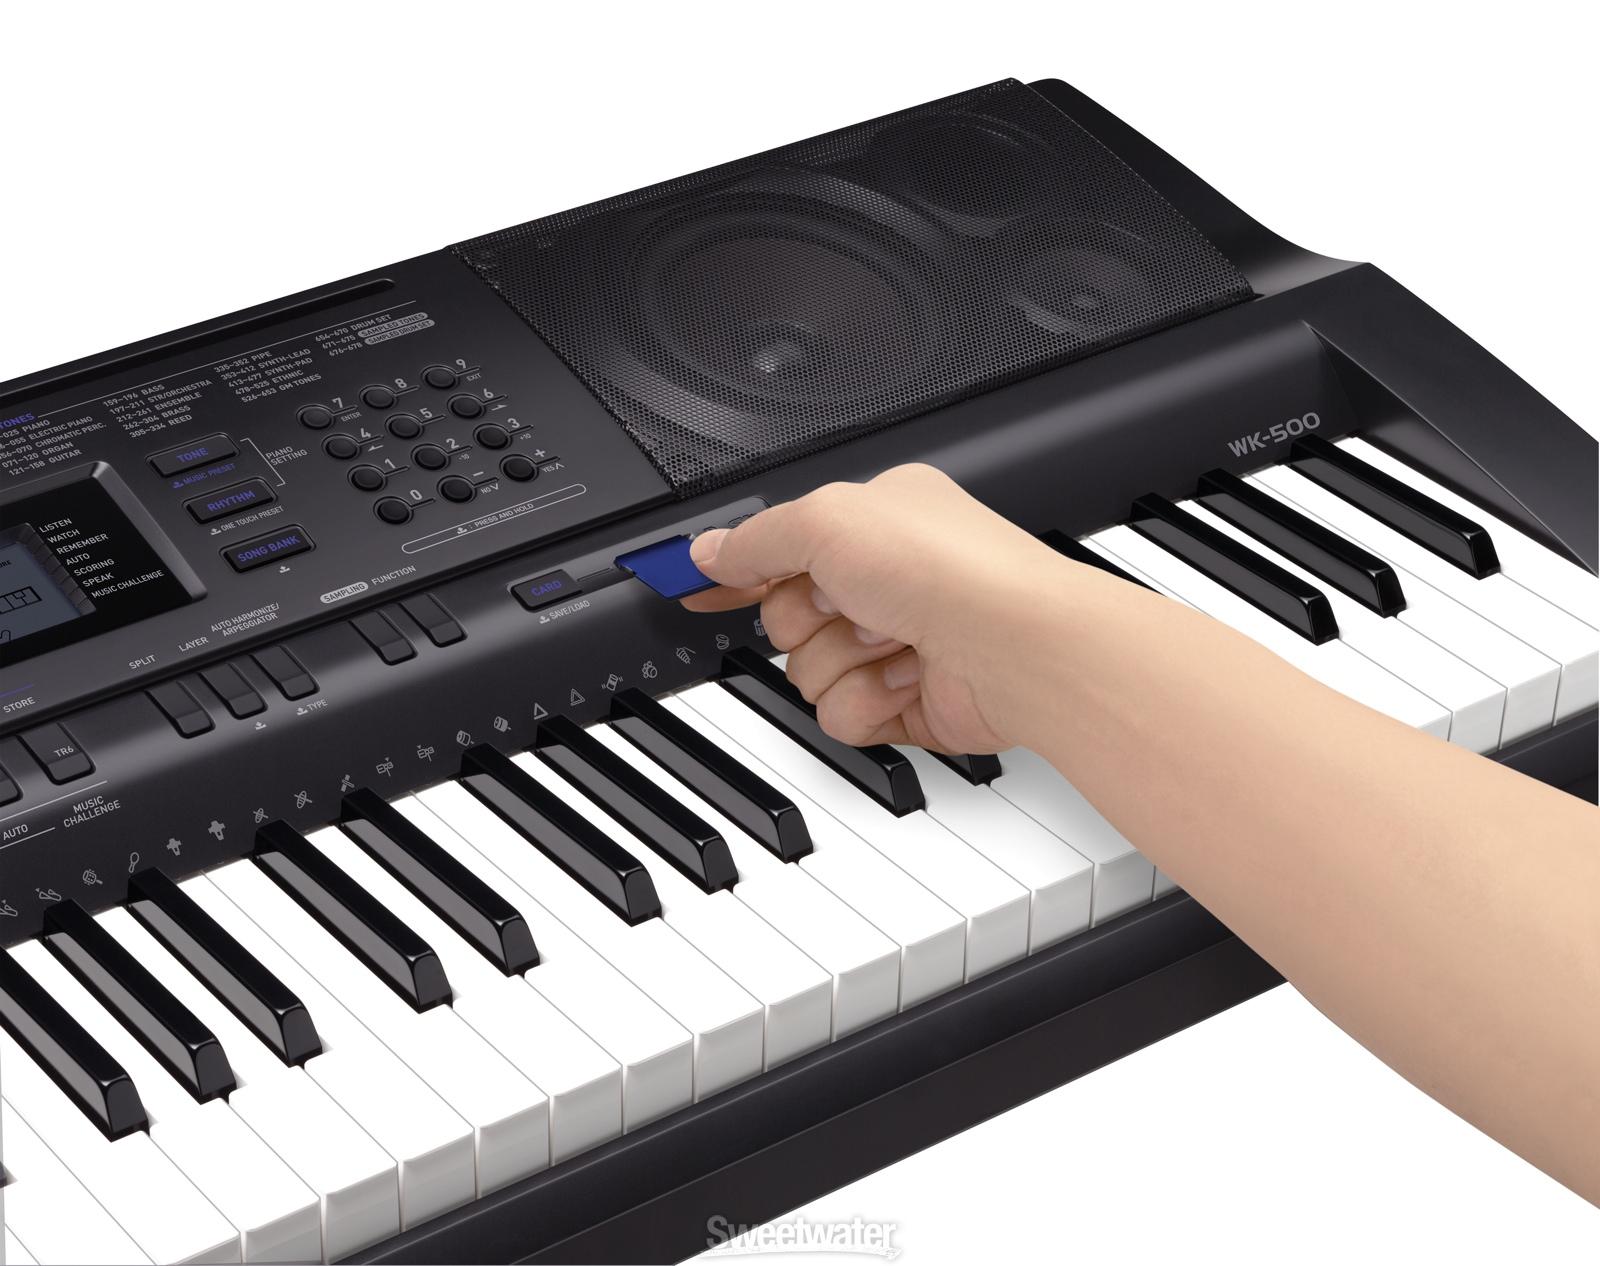 Casio Wk 500 Keyboard : casio wk 500 keyboard manual download free apps blackutorrent ~ Hamham.info Haus und Dekorationen